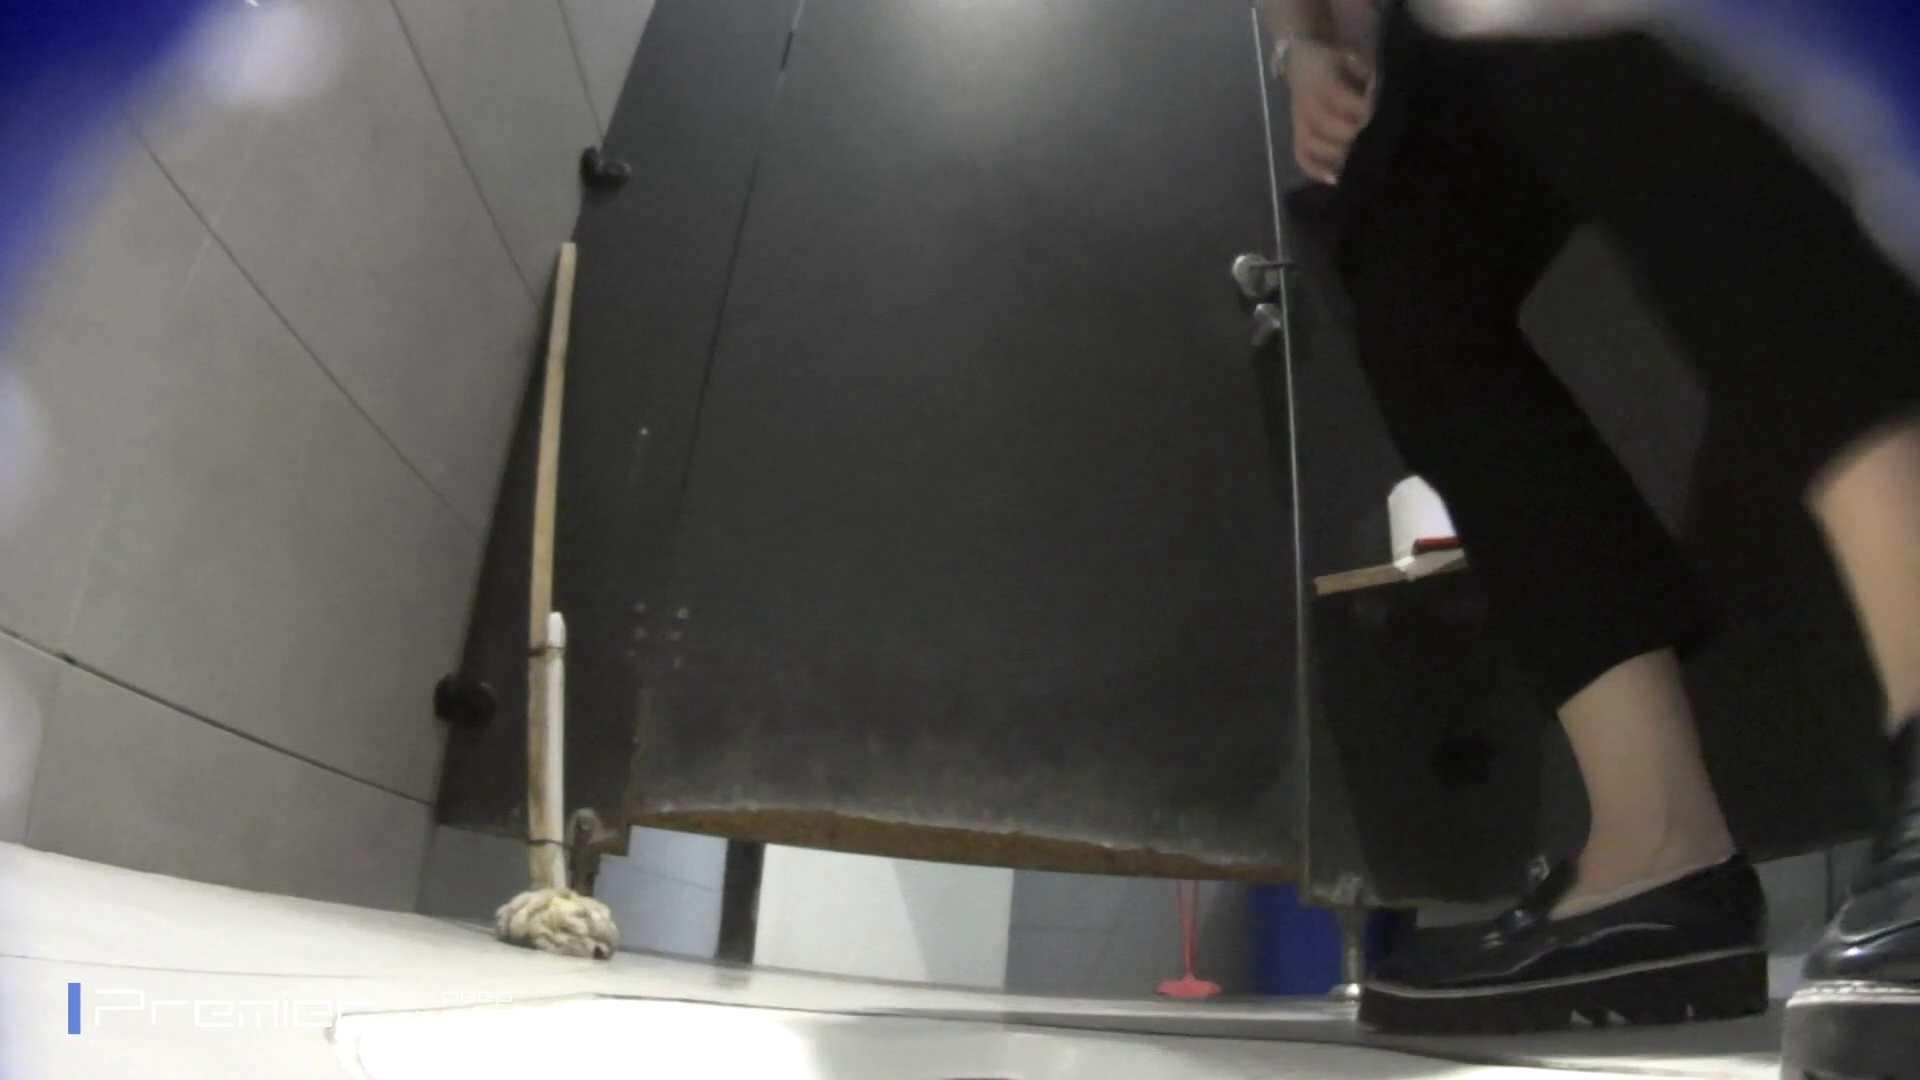 トイレットペーパーを握りしめ個室に入る乙女 大学休憩時間の洗面所事情83 むっちり体型 おめこ無修正画像 39画像 9